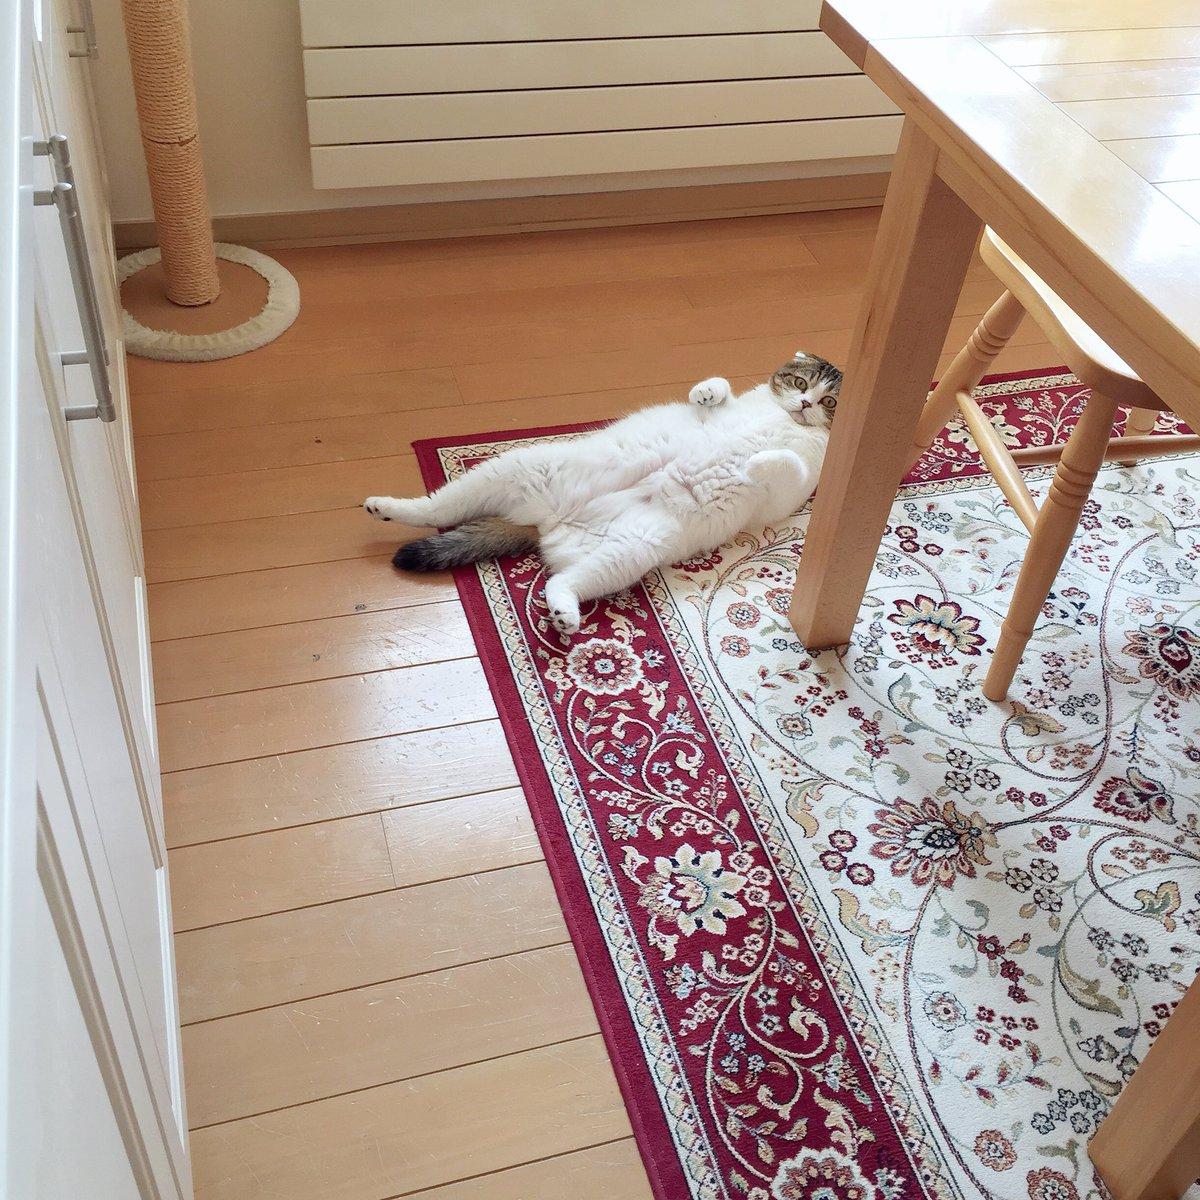 朝キッチンに行ったら、ひとり物思いにおっぴろげてた。 pic.twitter.com/SIydXOJq9y